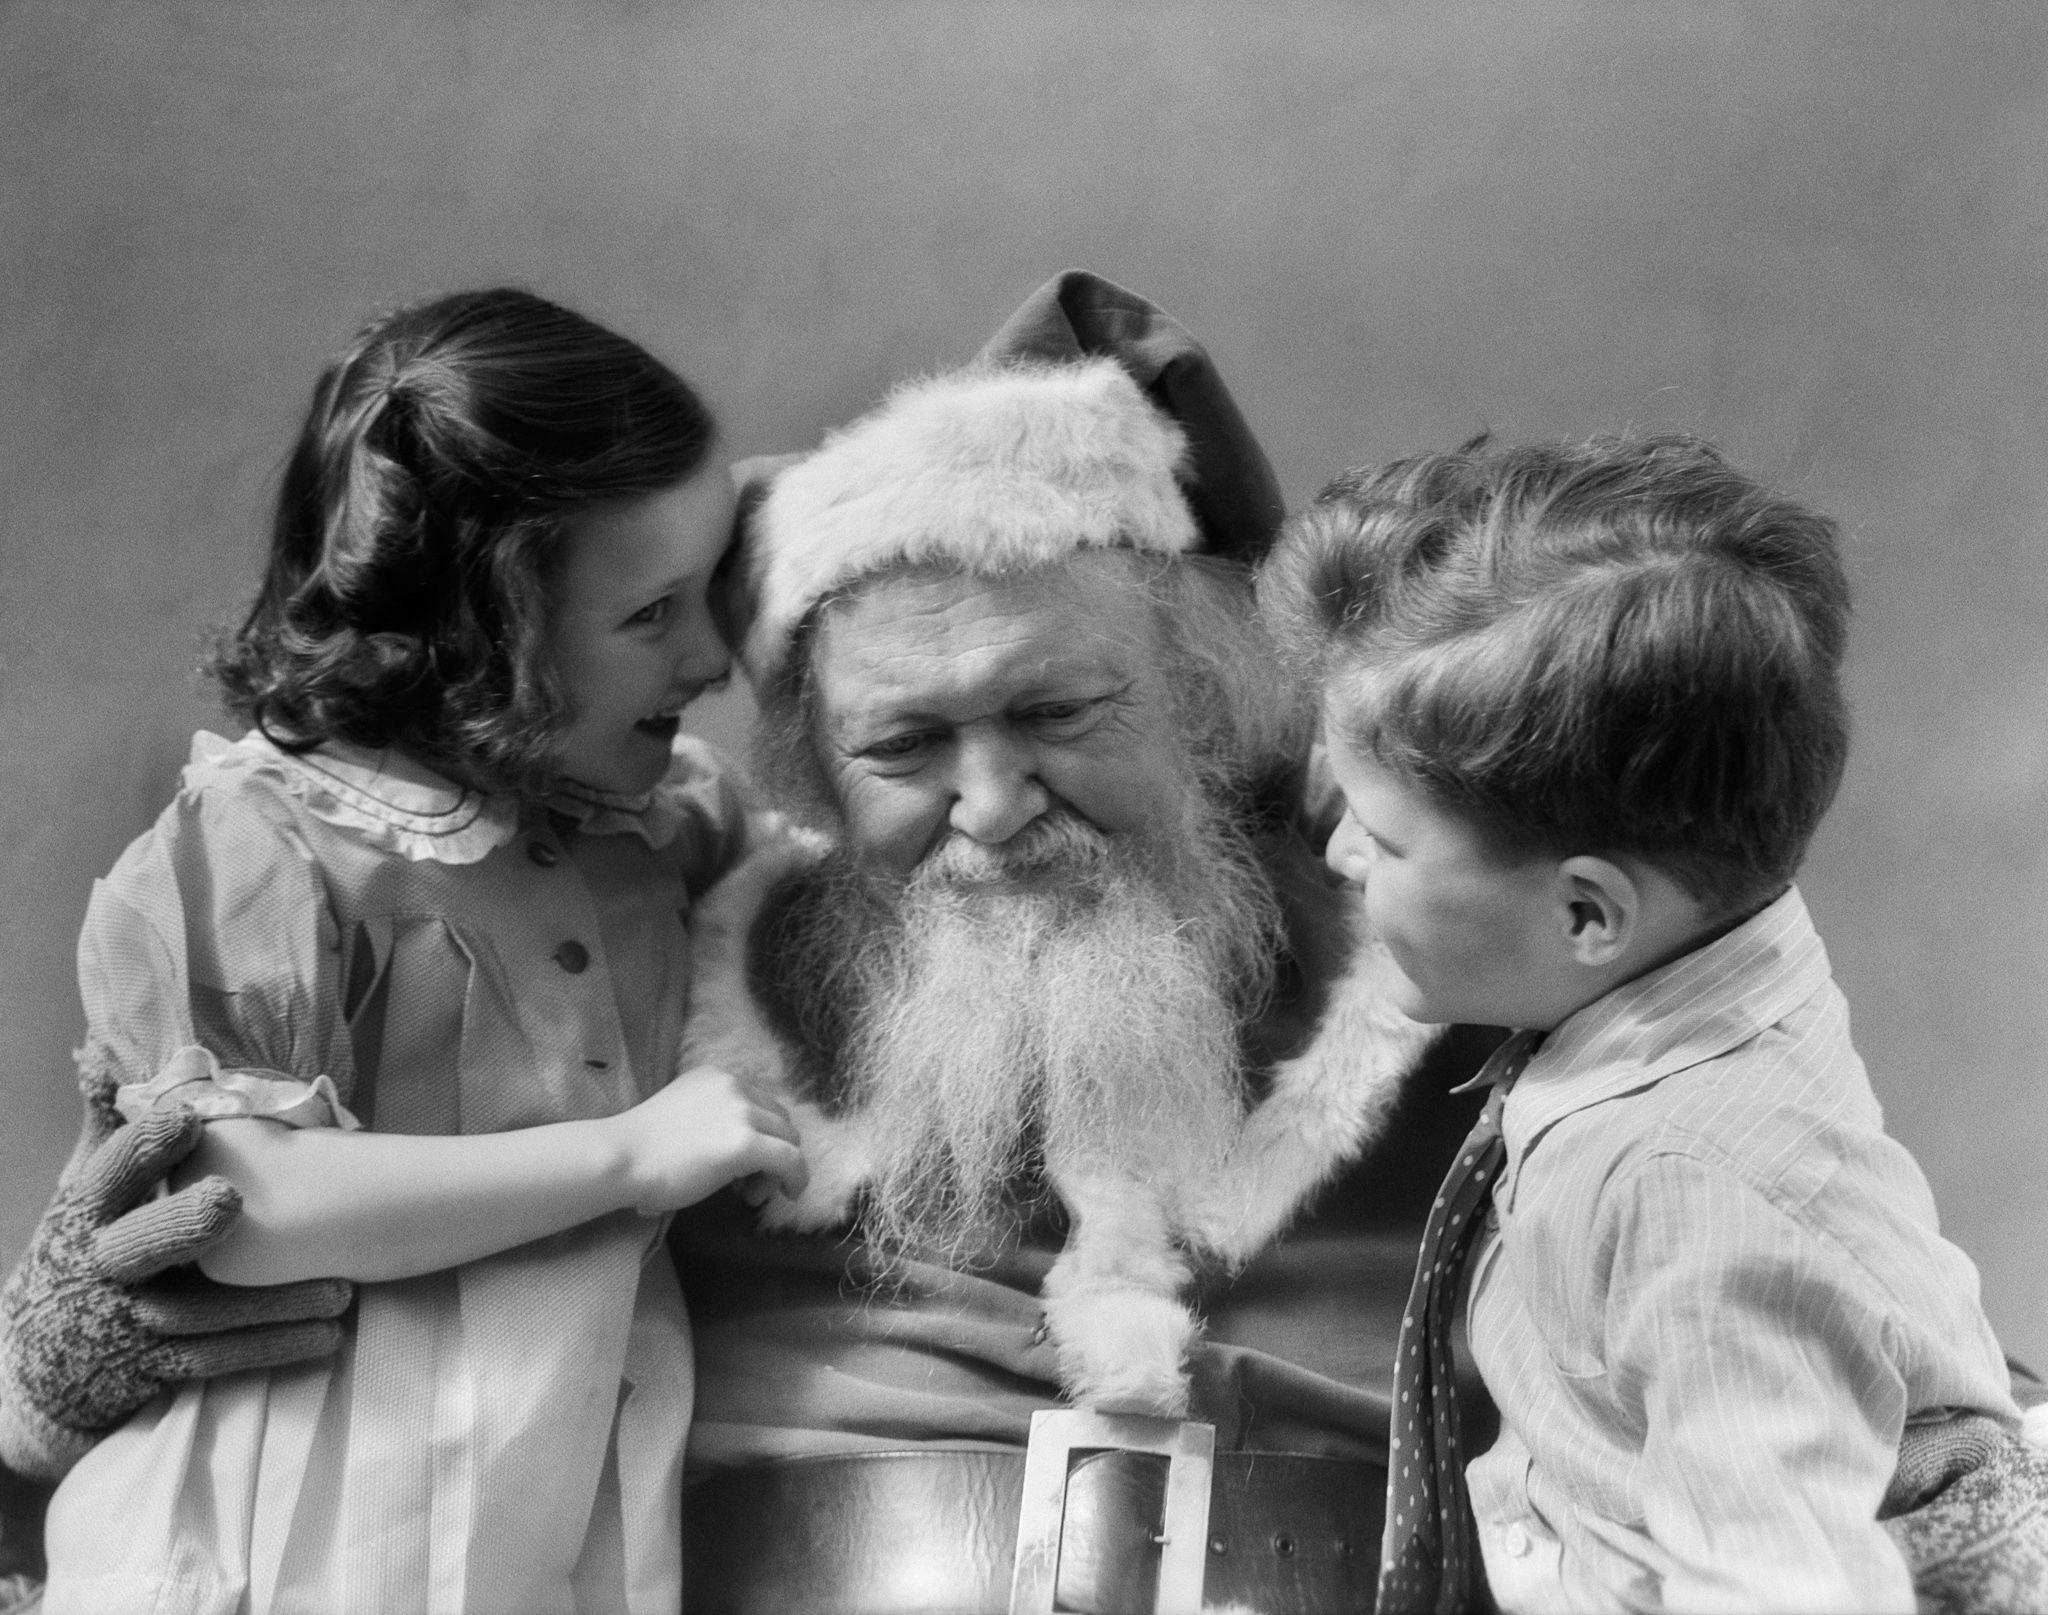 b1946bb99366 De São Nicolau a Pai Natal: as Surpreendentes Origens do Senhor Claus    National Geographic